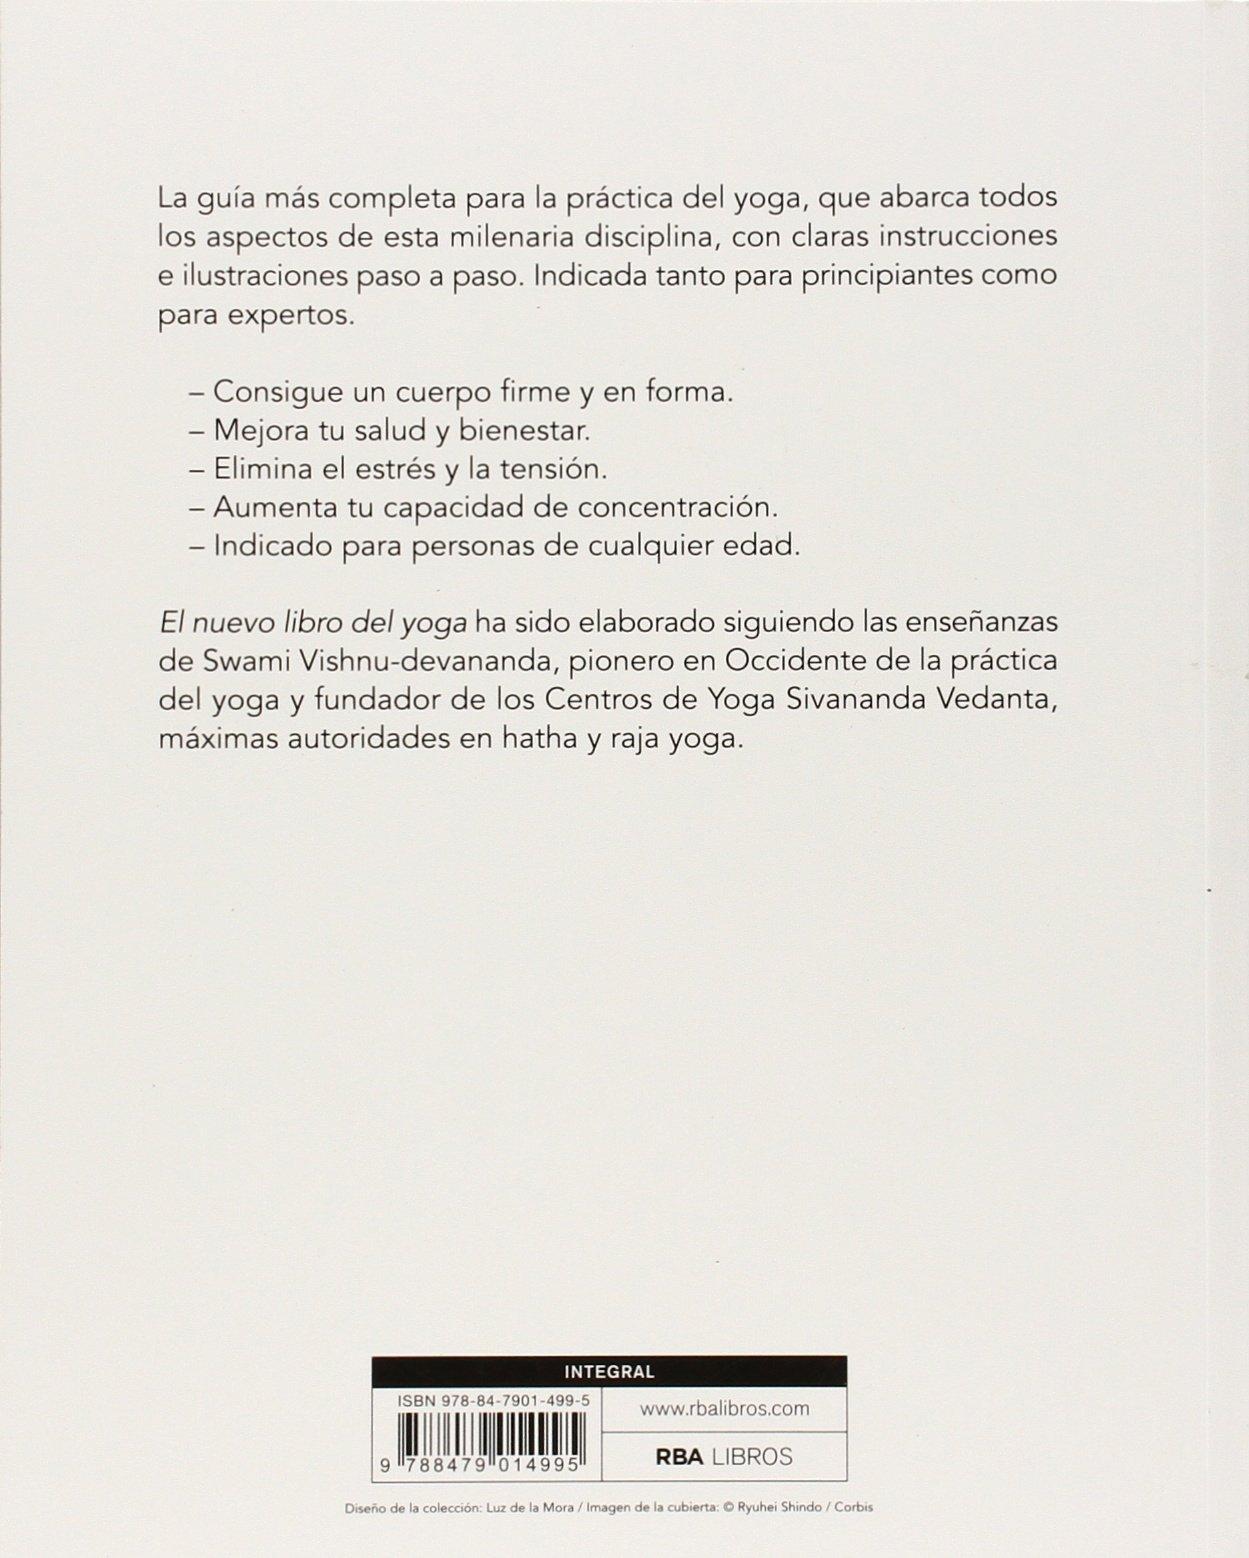 El nuevo libro del yoga: 031 (EJERCICIO CUERPO-MEN): Amazon ...